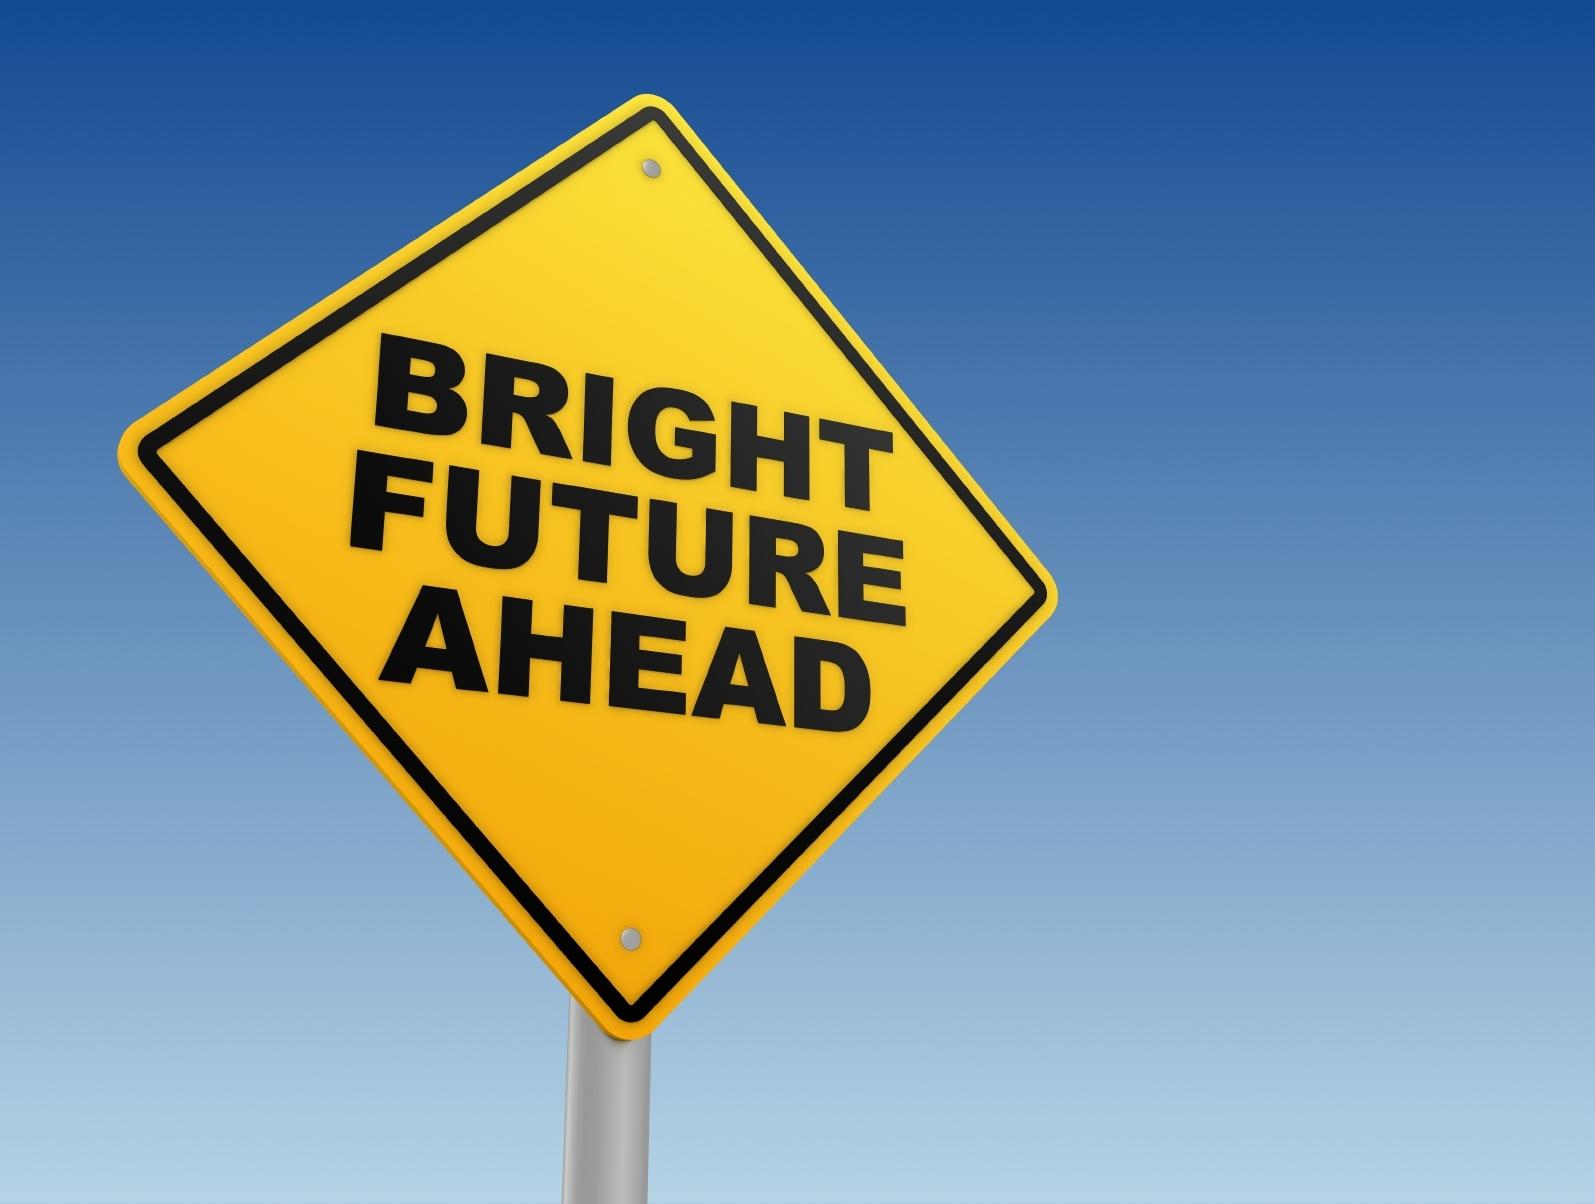 Future clipart future ahead. Bright clip art library